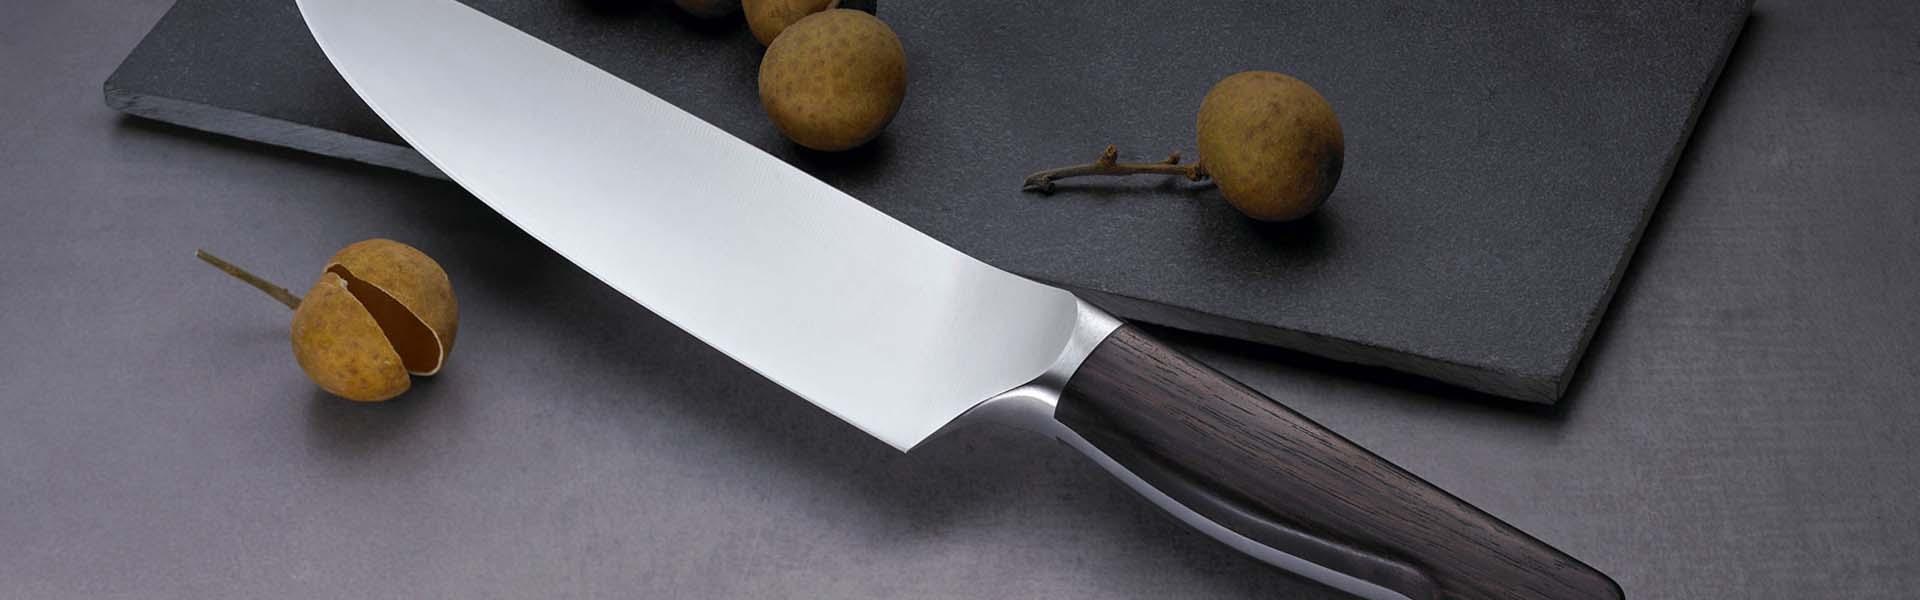 Bıçak Satışı ve Modelleri